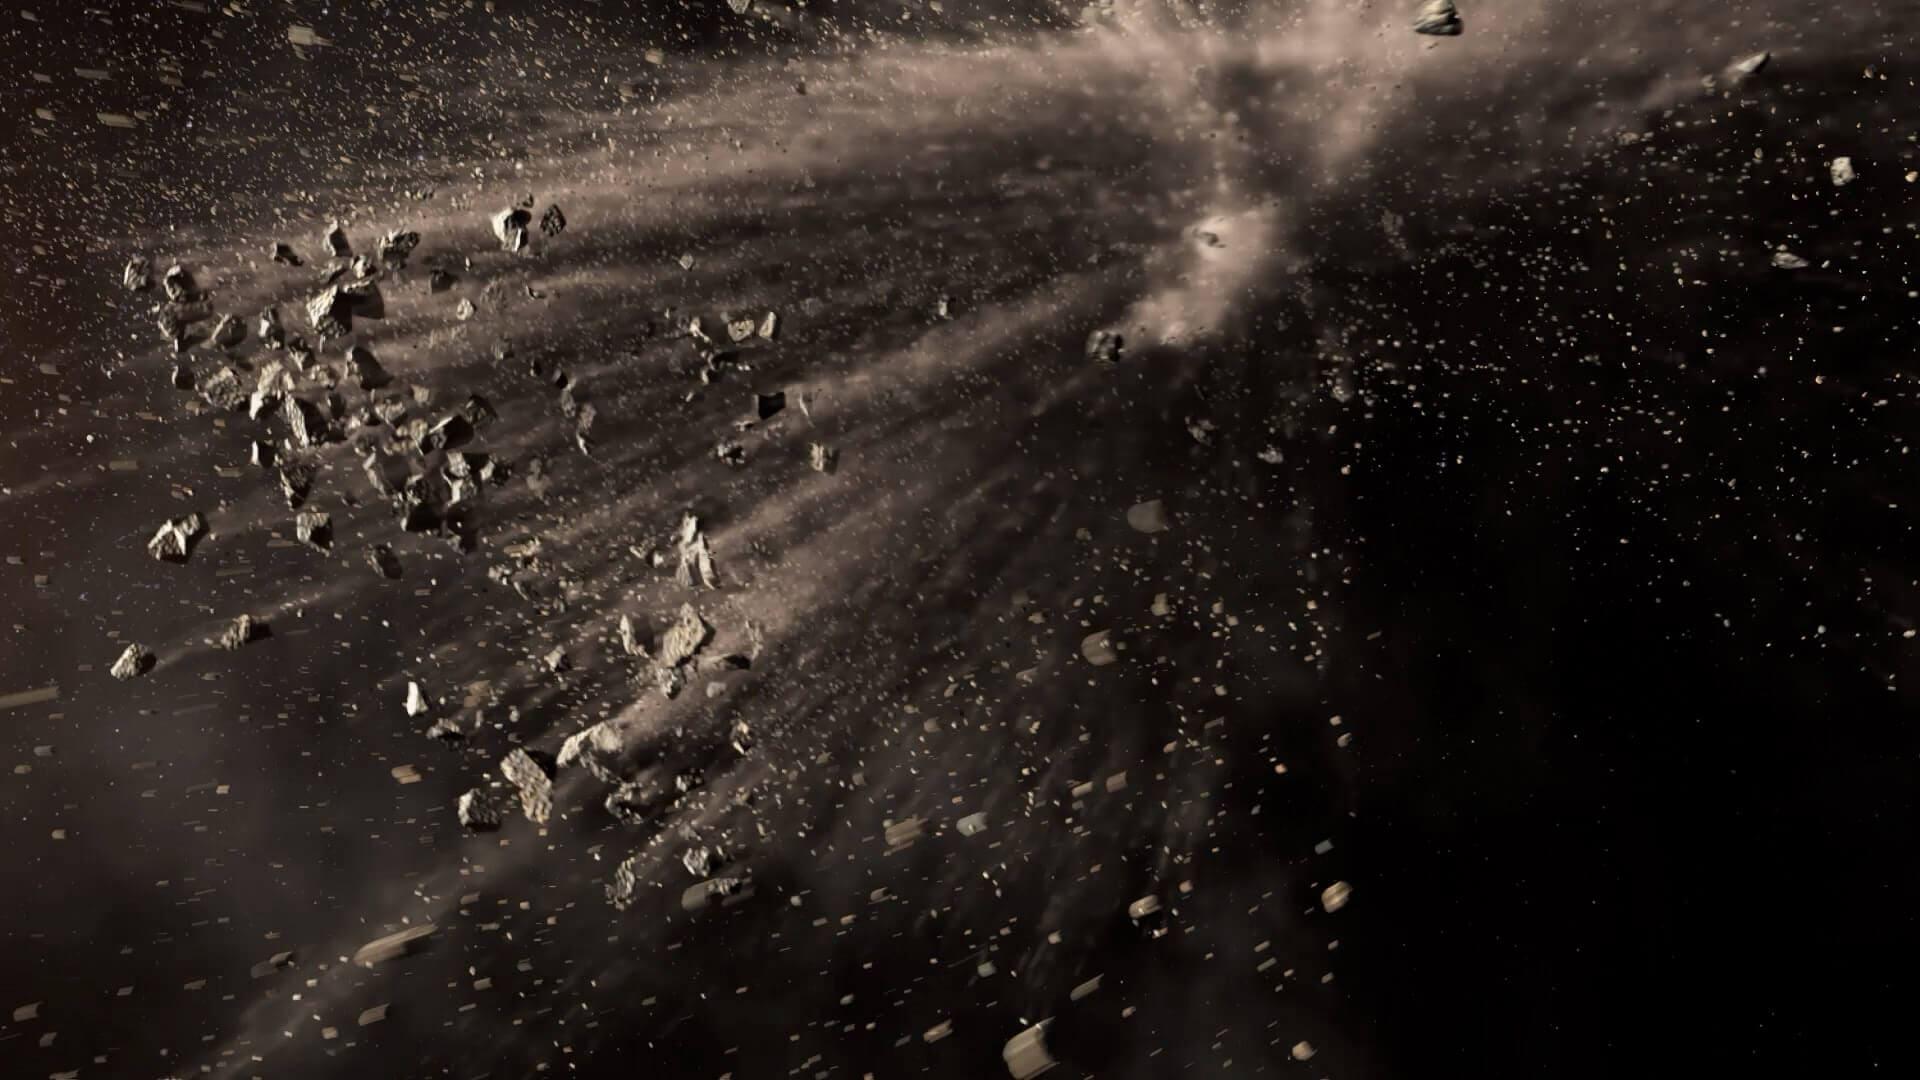 Colisión de asteroides en el espacio